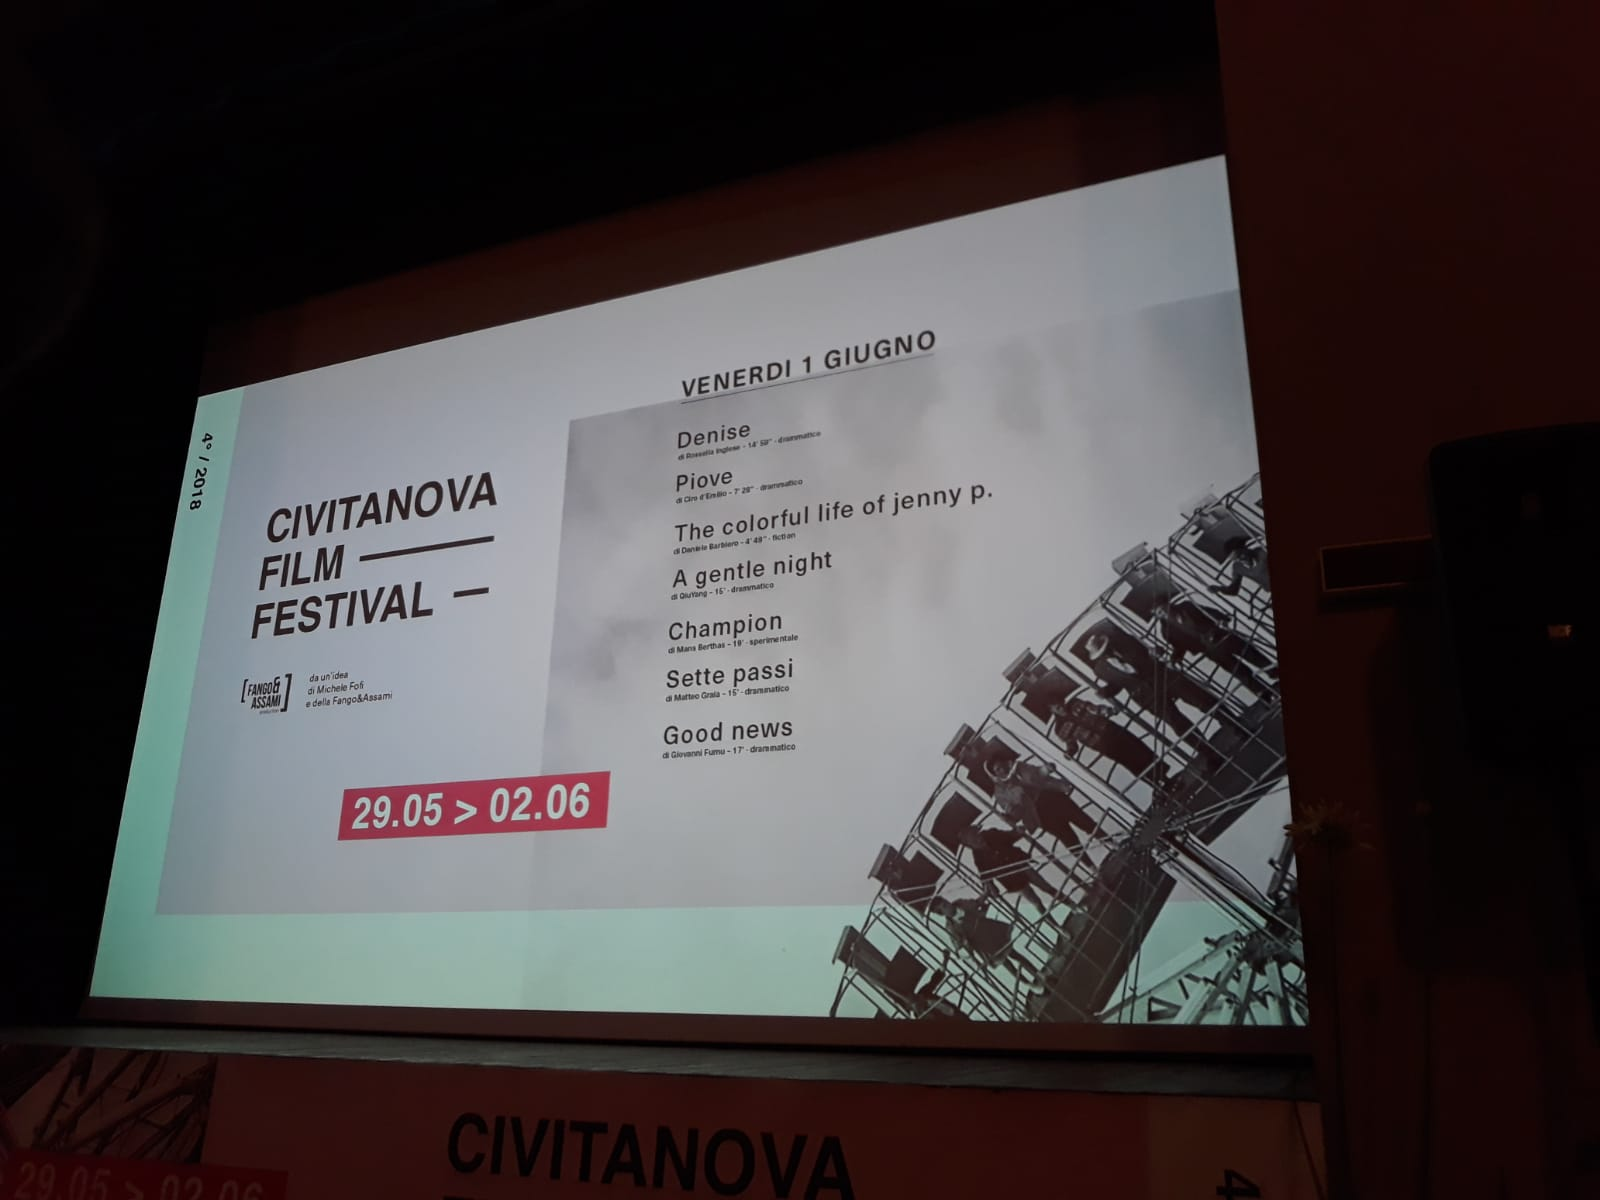 CFF Civitanova Film Festival, Edoardo Winspeare e gli altri corti in concorso